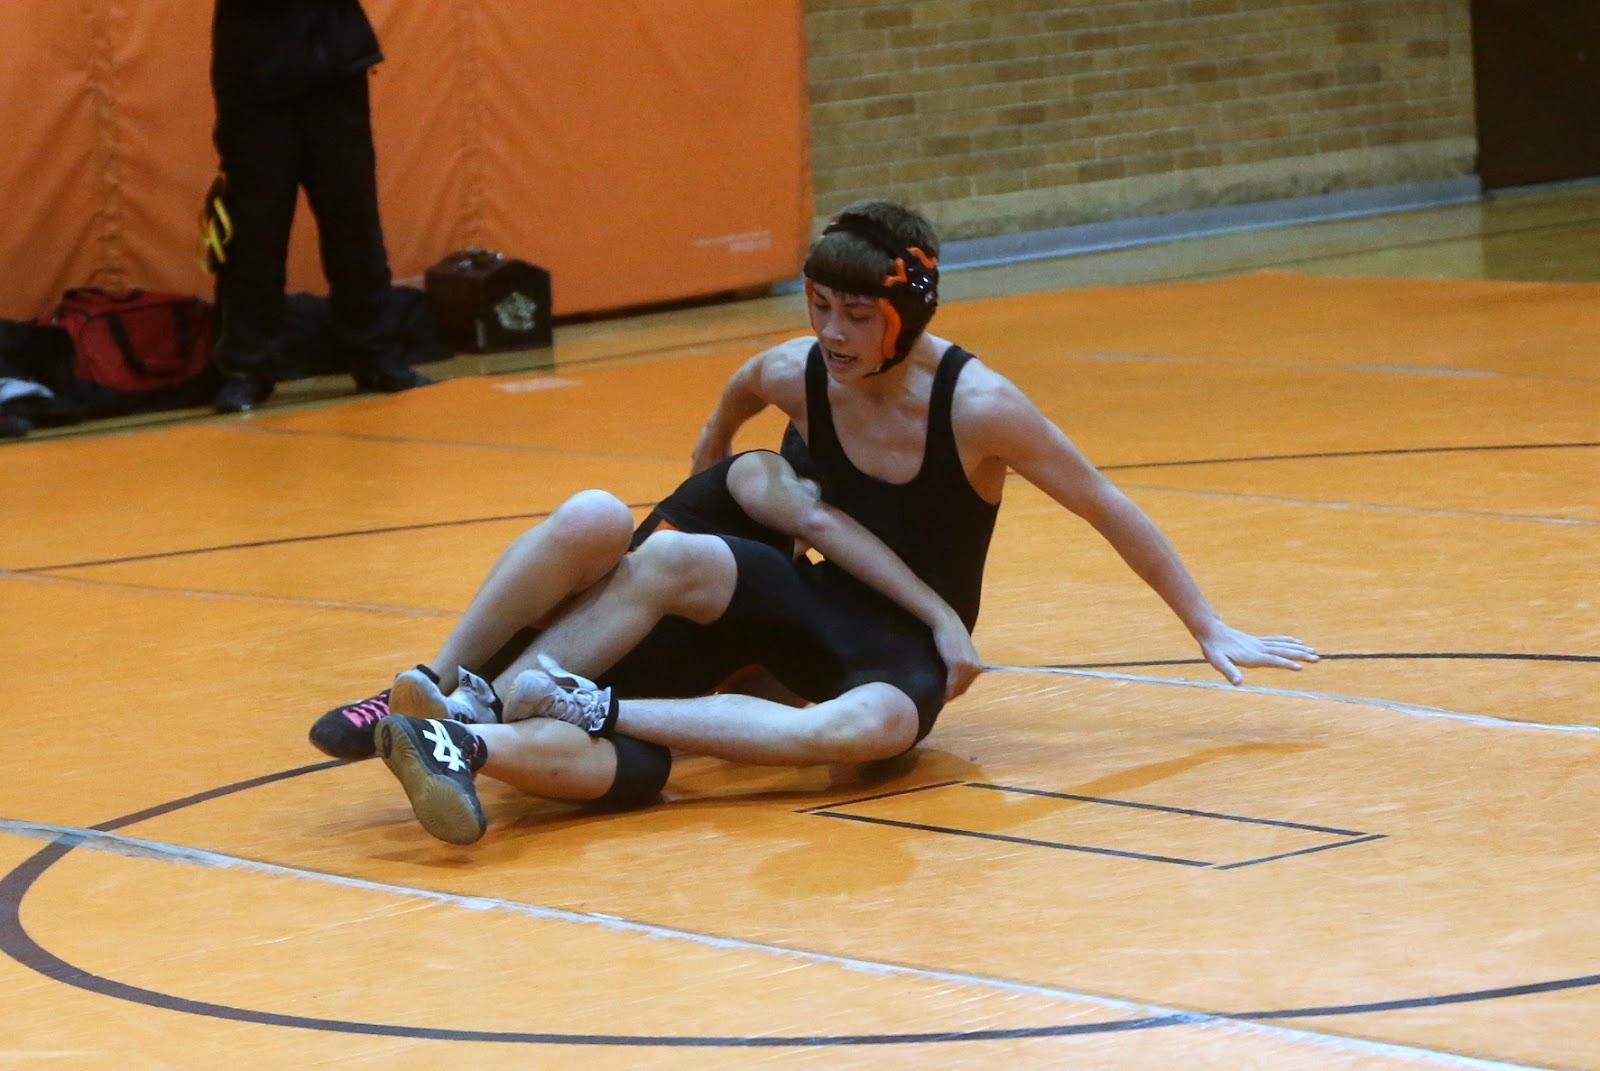 Men Wrestling Women Female Wrestler Pins Male Opponent-5949